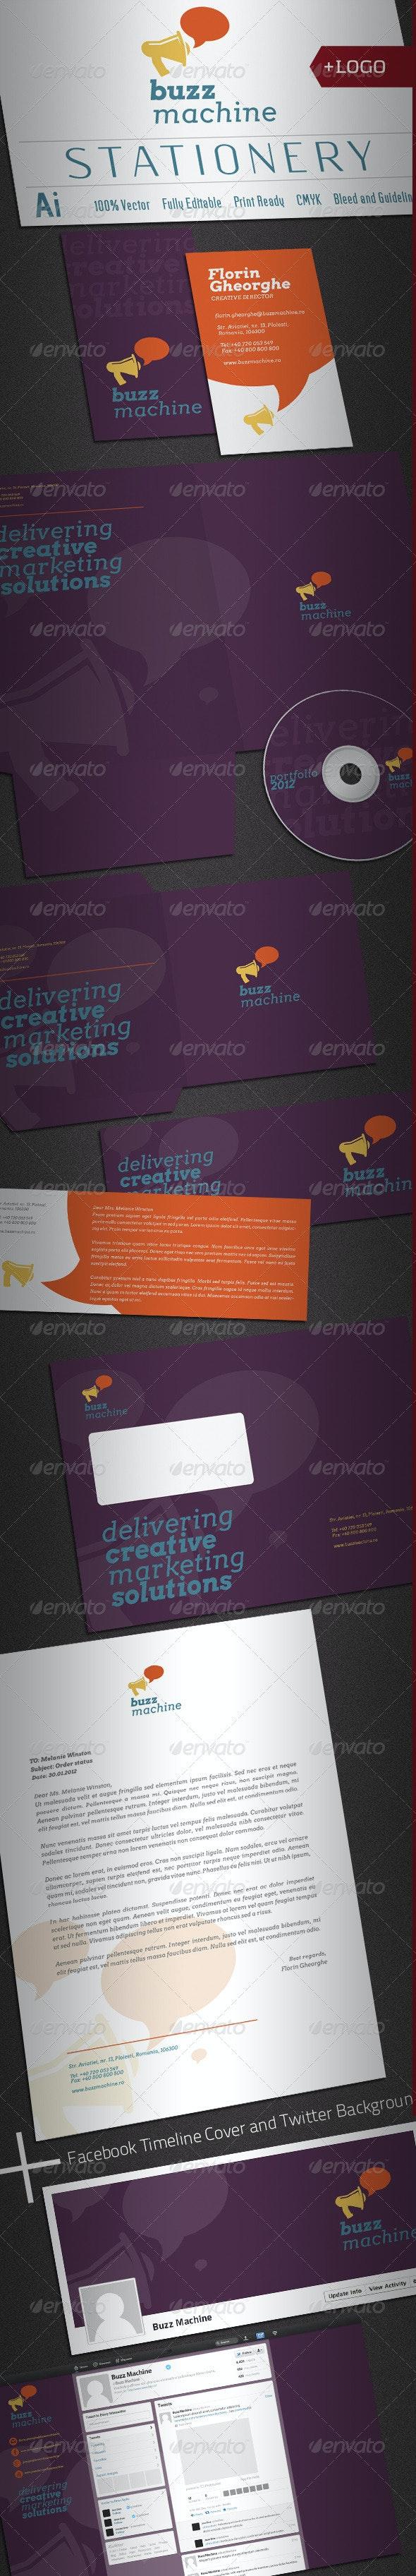 Buzz Machine Stationery V2 - Stationery Print Templates